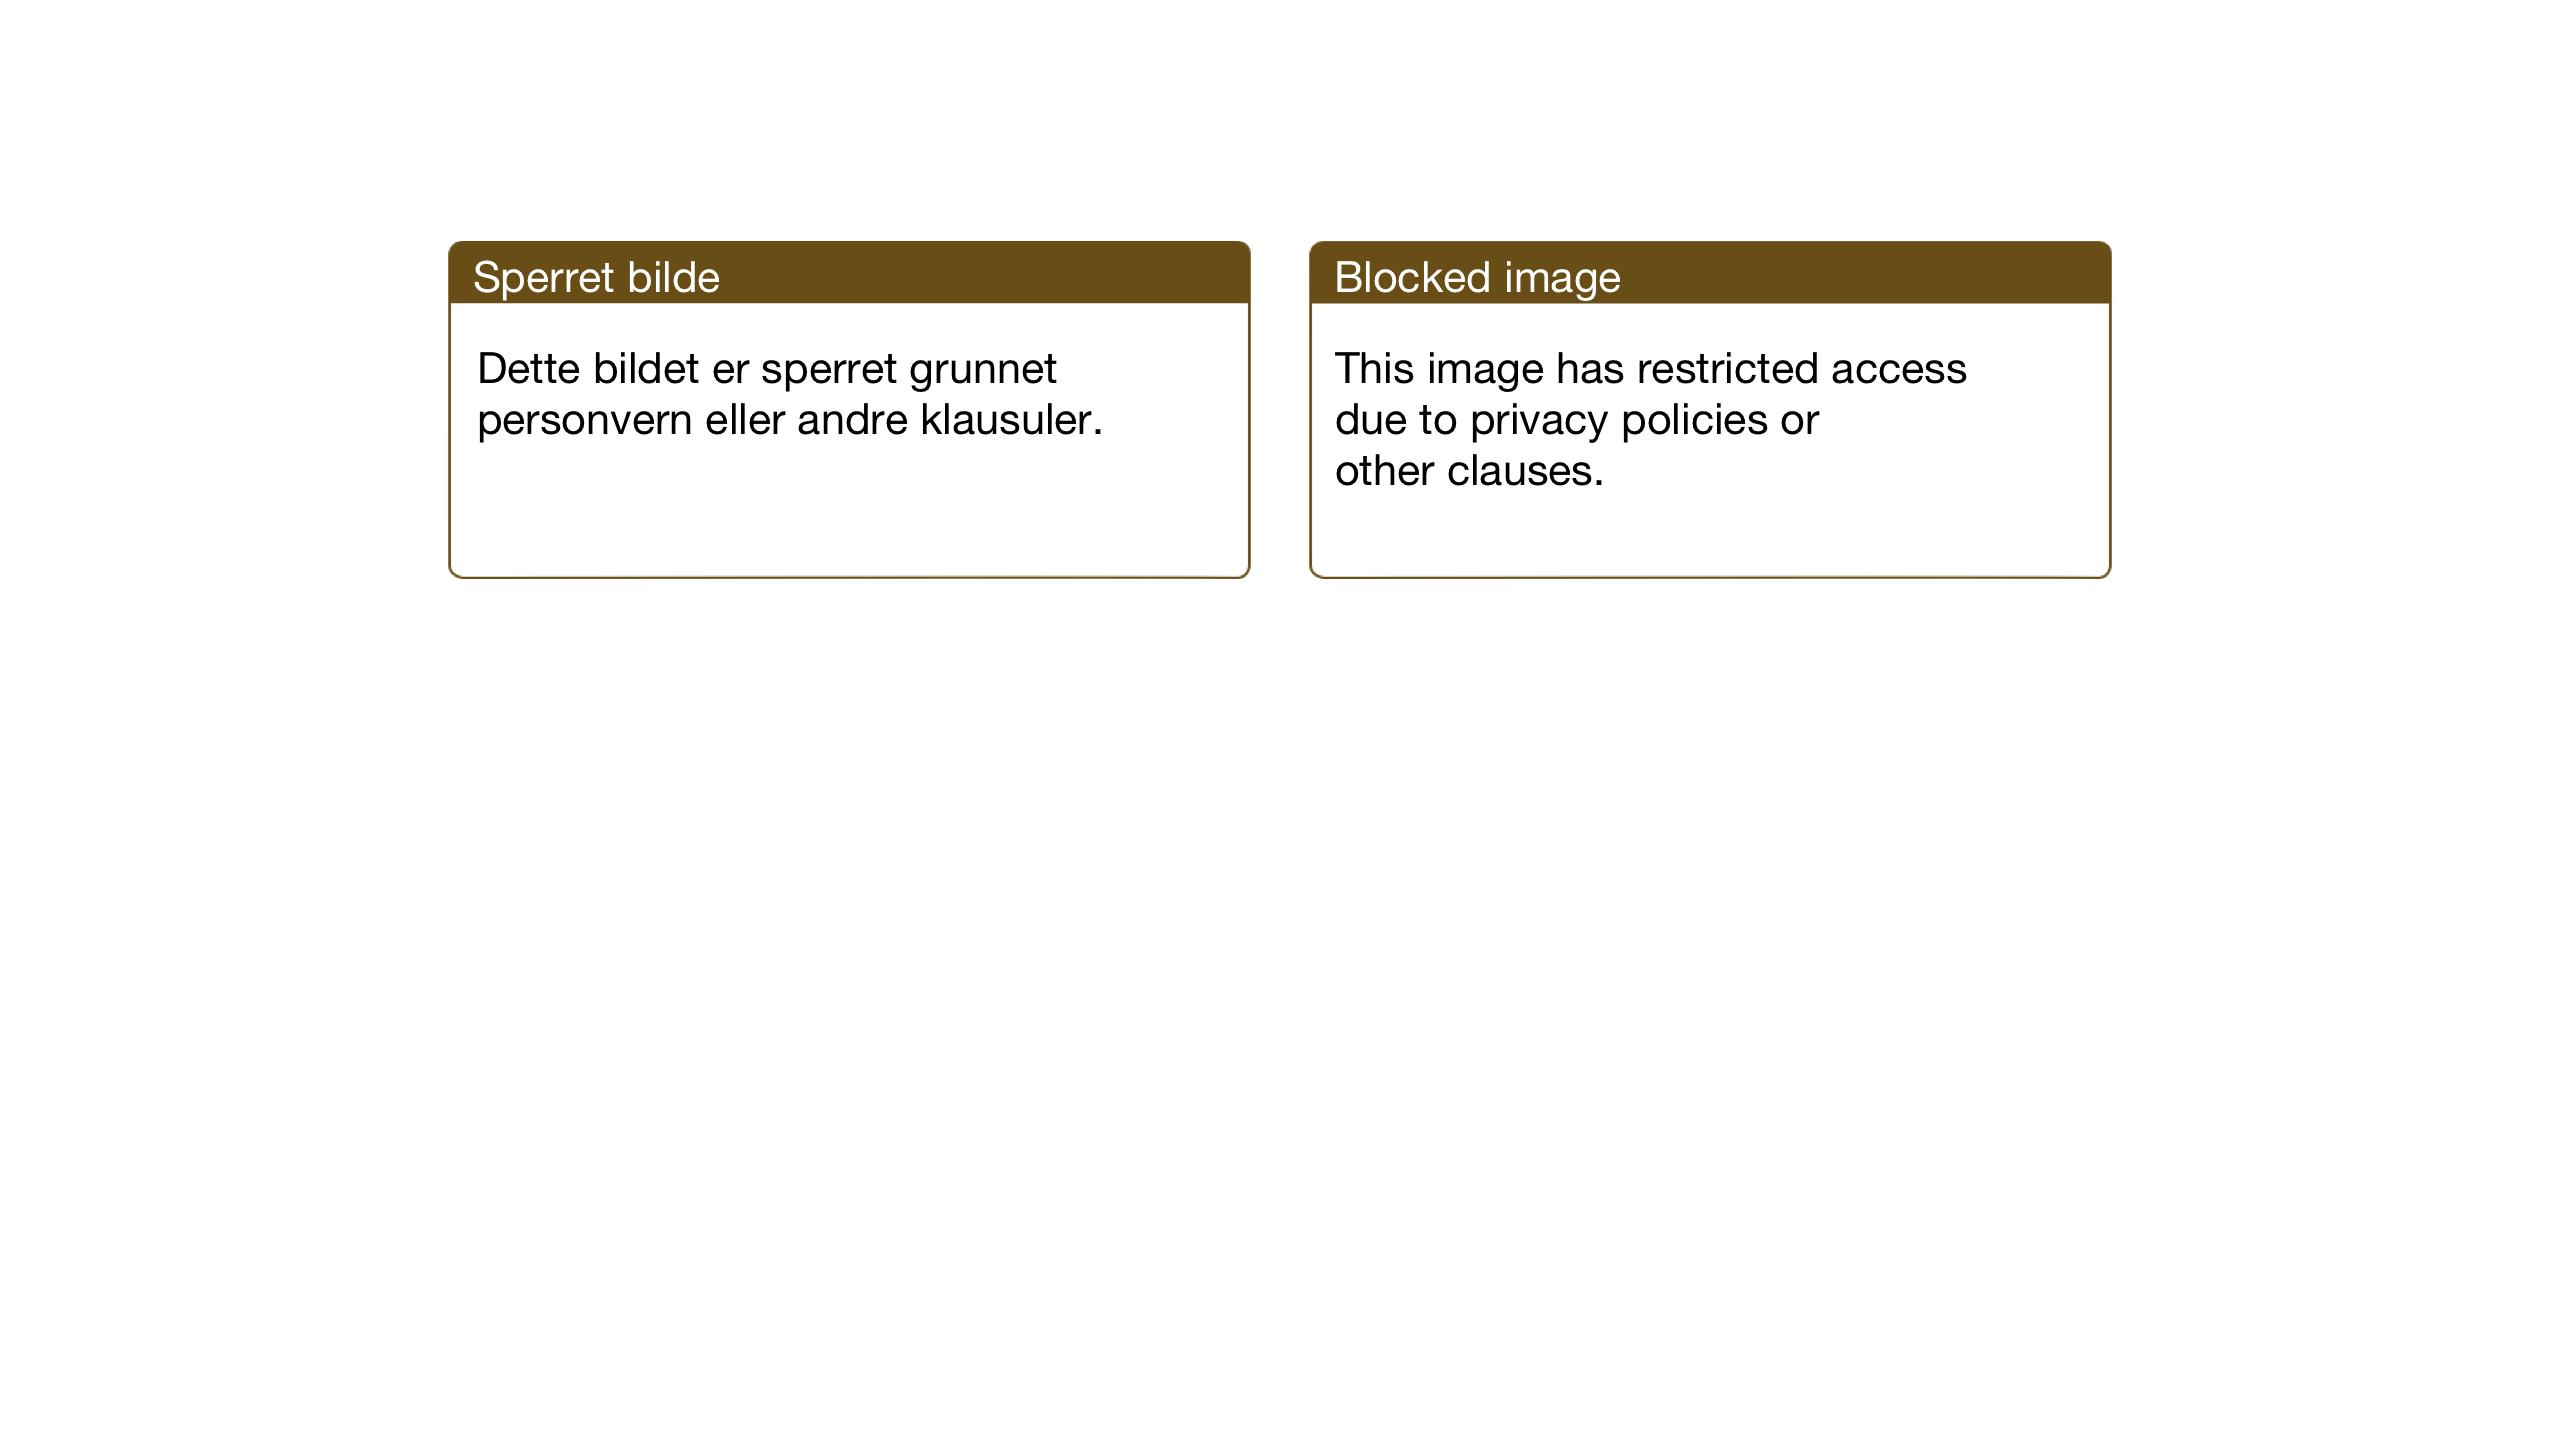 SAT, Ministerialprotokoller, klokkerbøker og fødselsregistre - Sør-Trøndelag, 603/L0173: Klokkerbok nr. 603C01, 1907-1962, s. 151